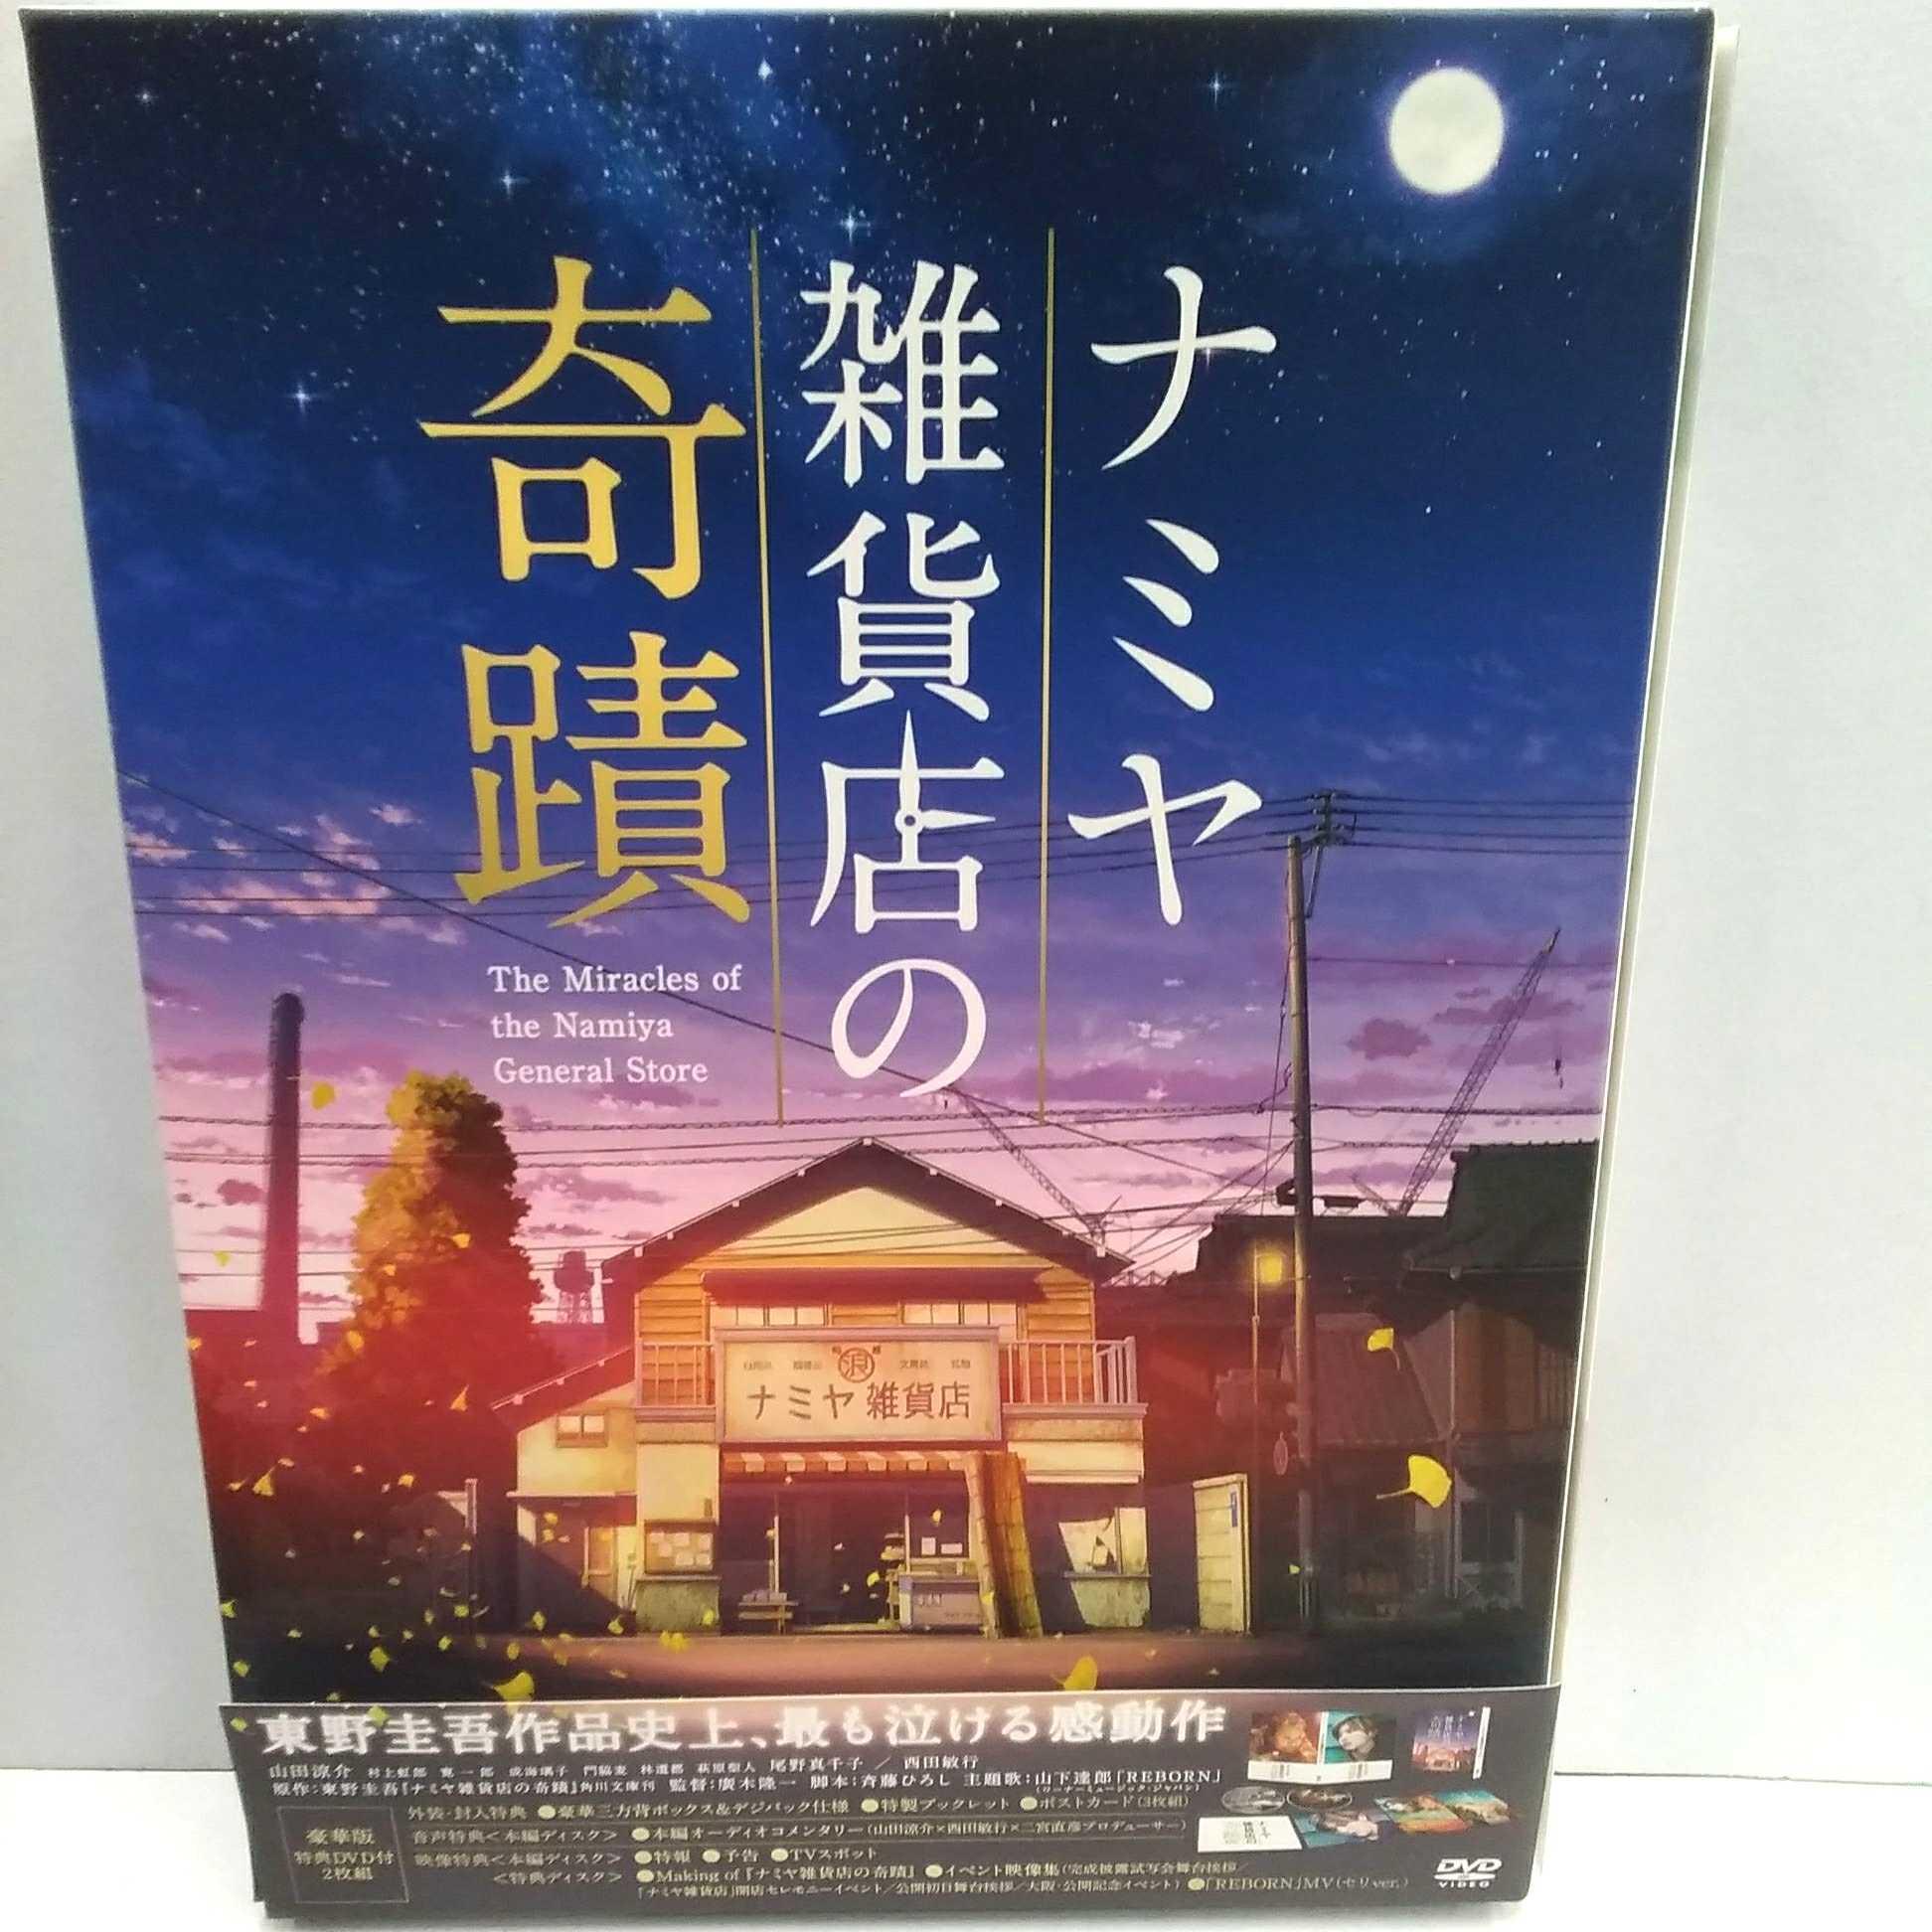 ナミヤ雑貨店の奇蹟|KADOKAWA